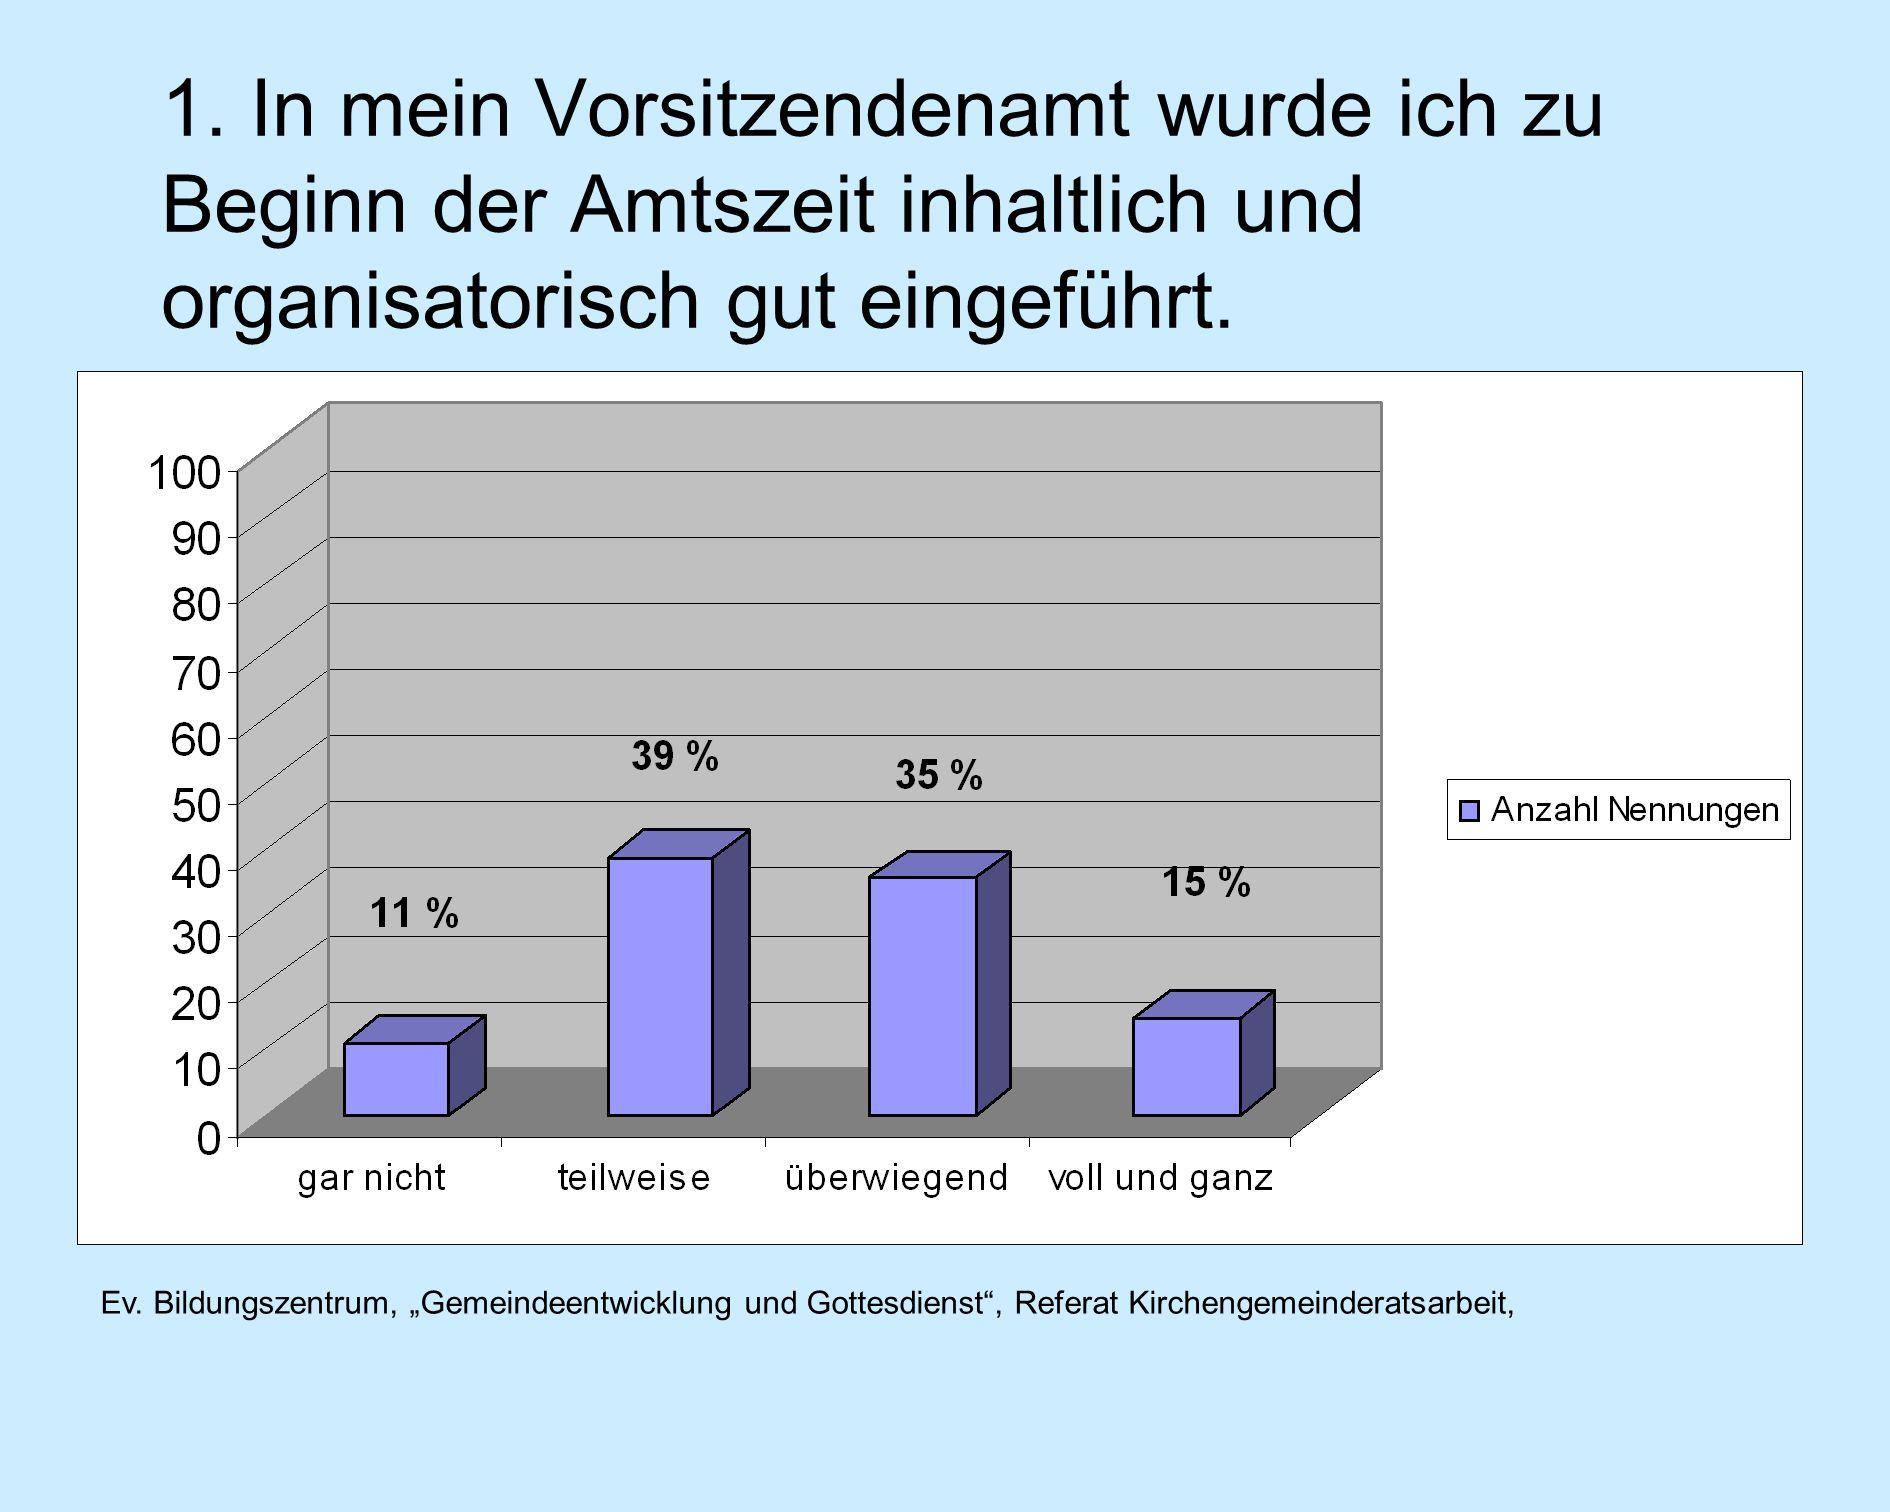 Ev. Bildungszentrum, Gemeindeentwicklung und Gottesdienst, Referat Kirchengemeinderatsarbeit, 1.